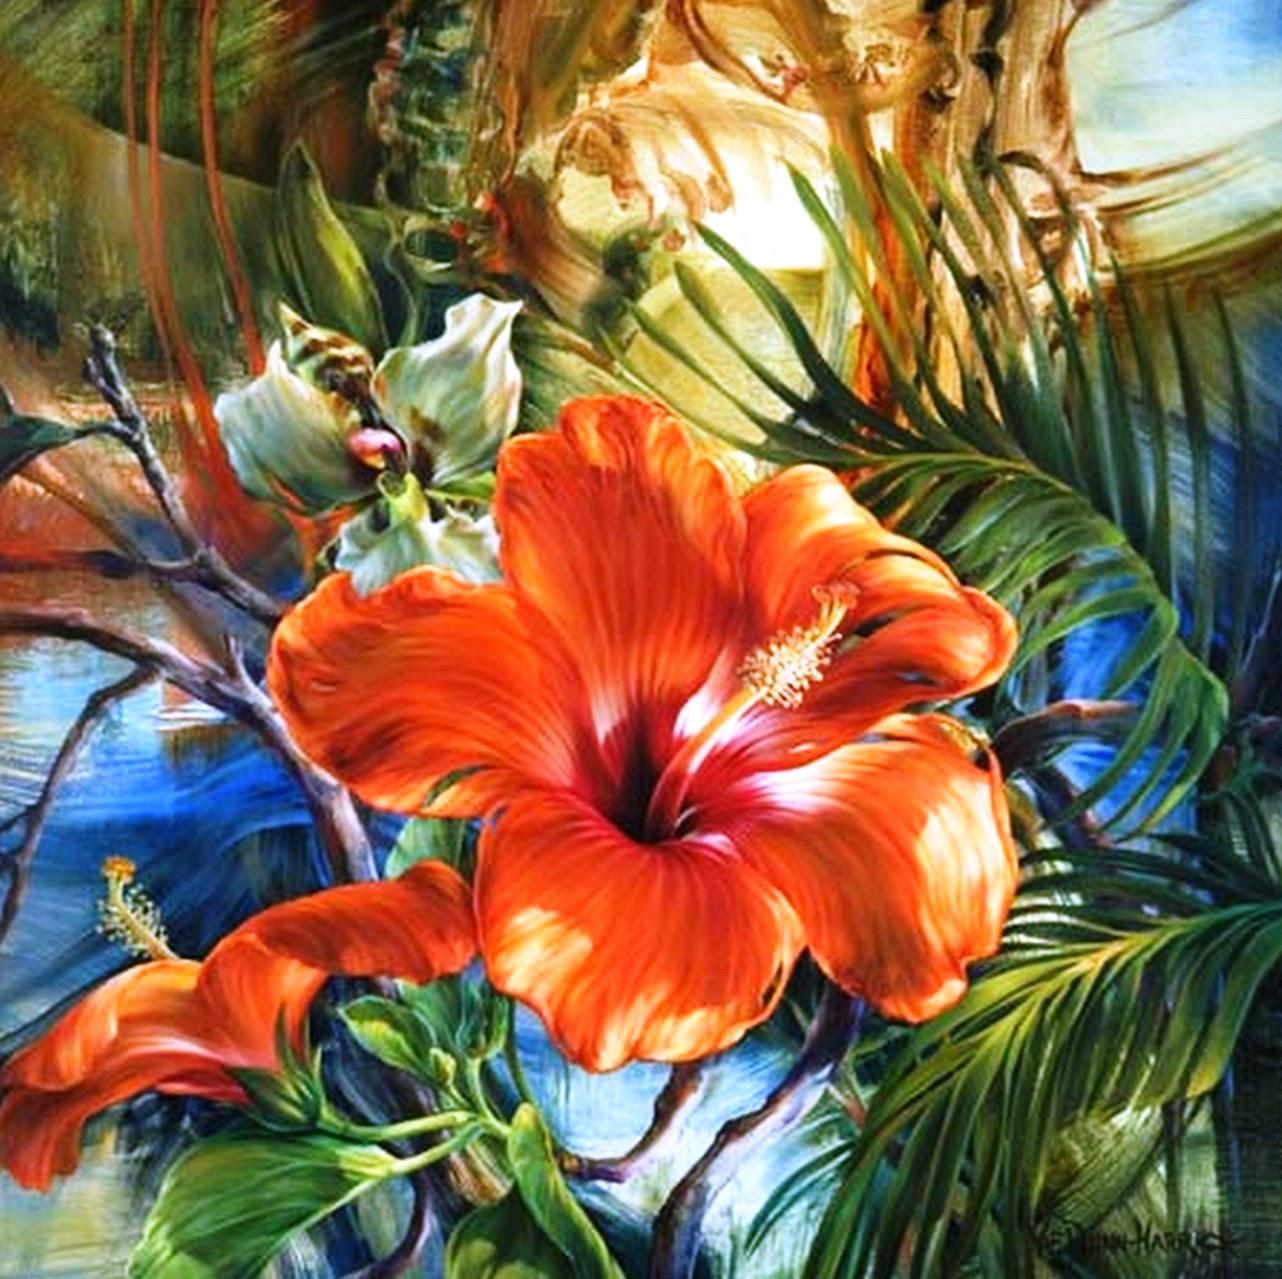 cuadro-de-flores-rojas-pintados-al-oleo